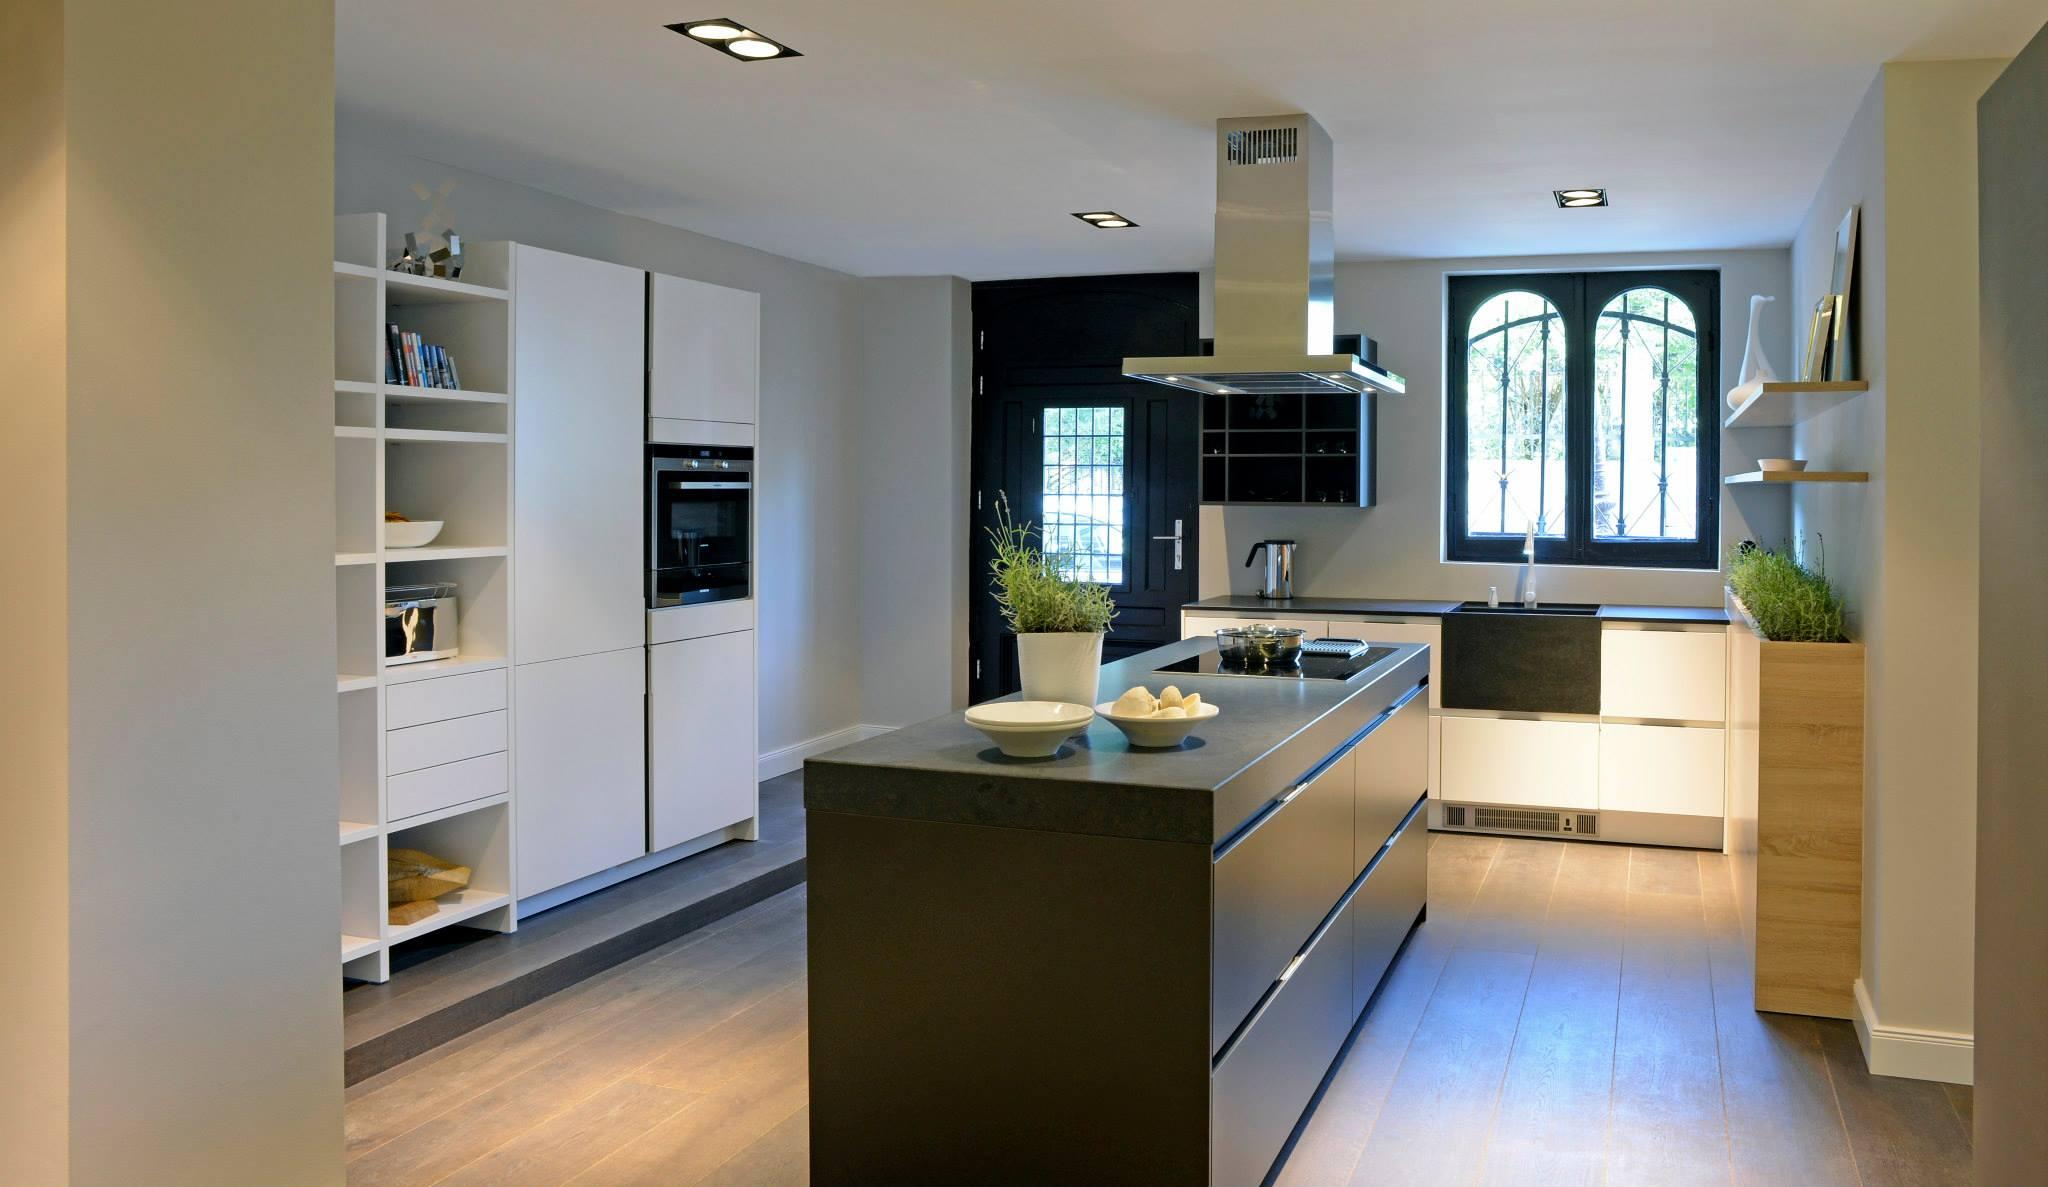 siematic flagship store in amsterdam nieuws startpagina voor keuken idee n uw. Black Bedroom Furniture Sets. Home Design Ideas